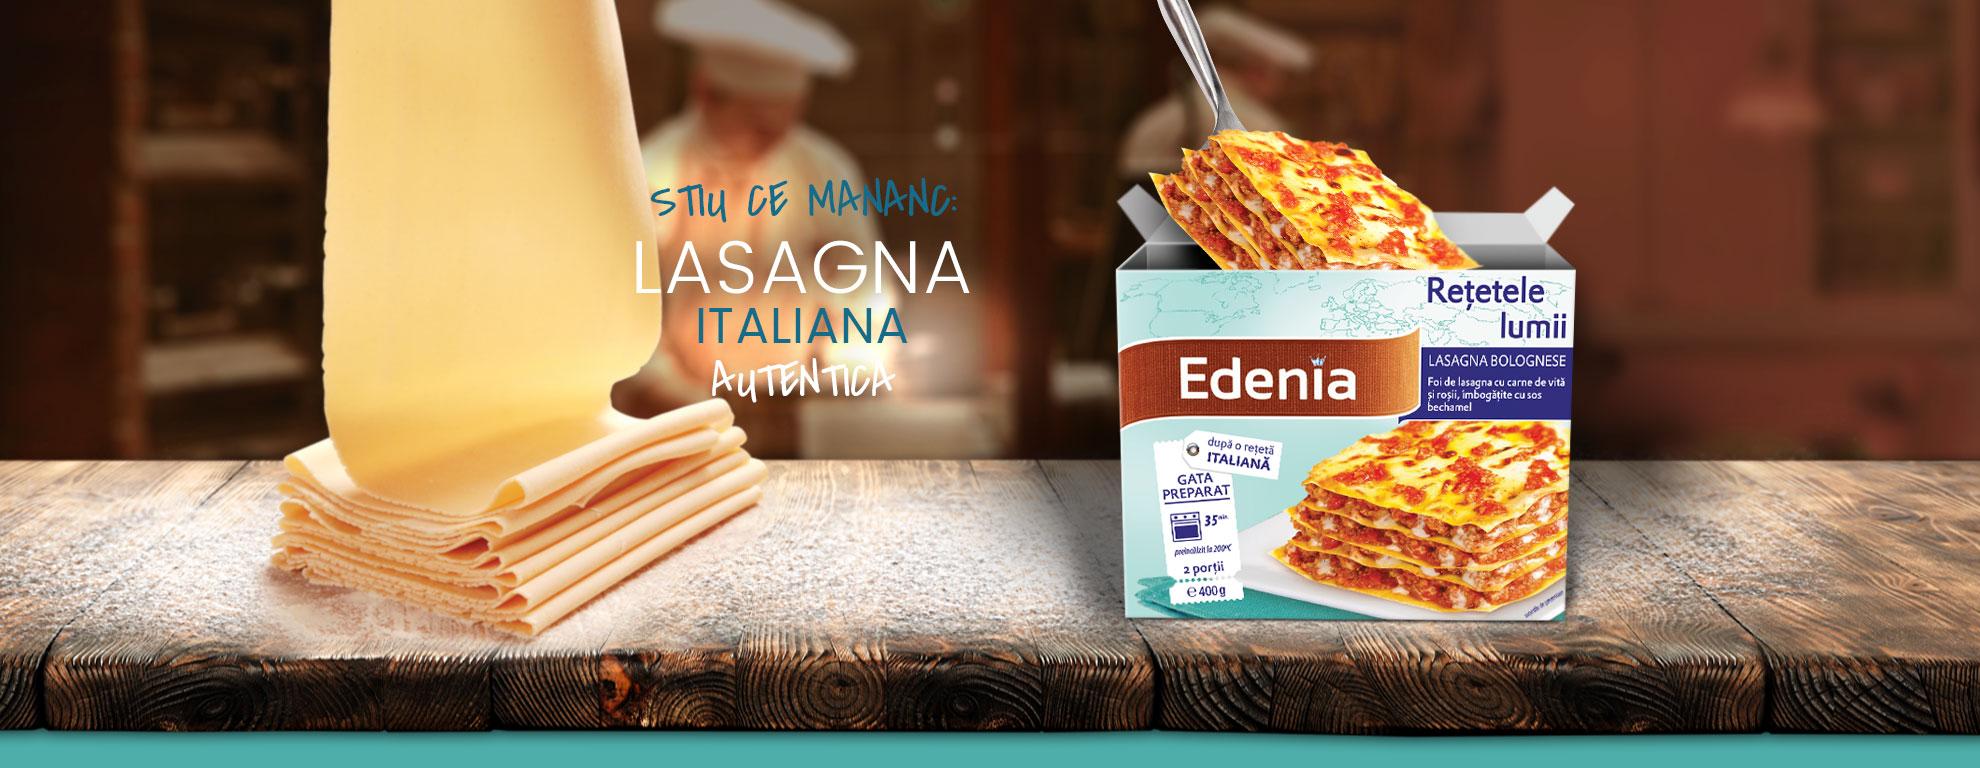 slider_lasagna